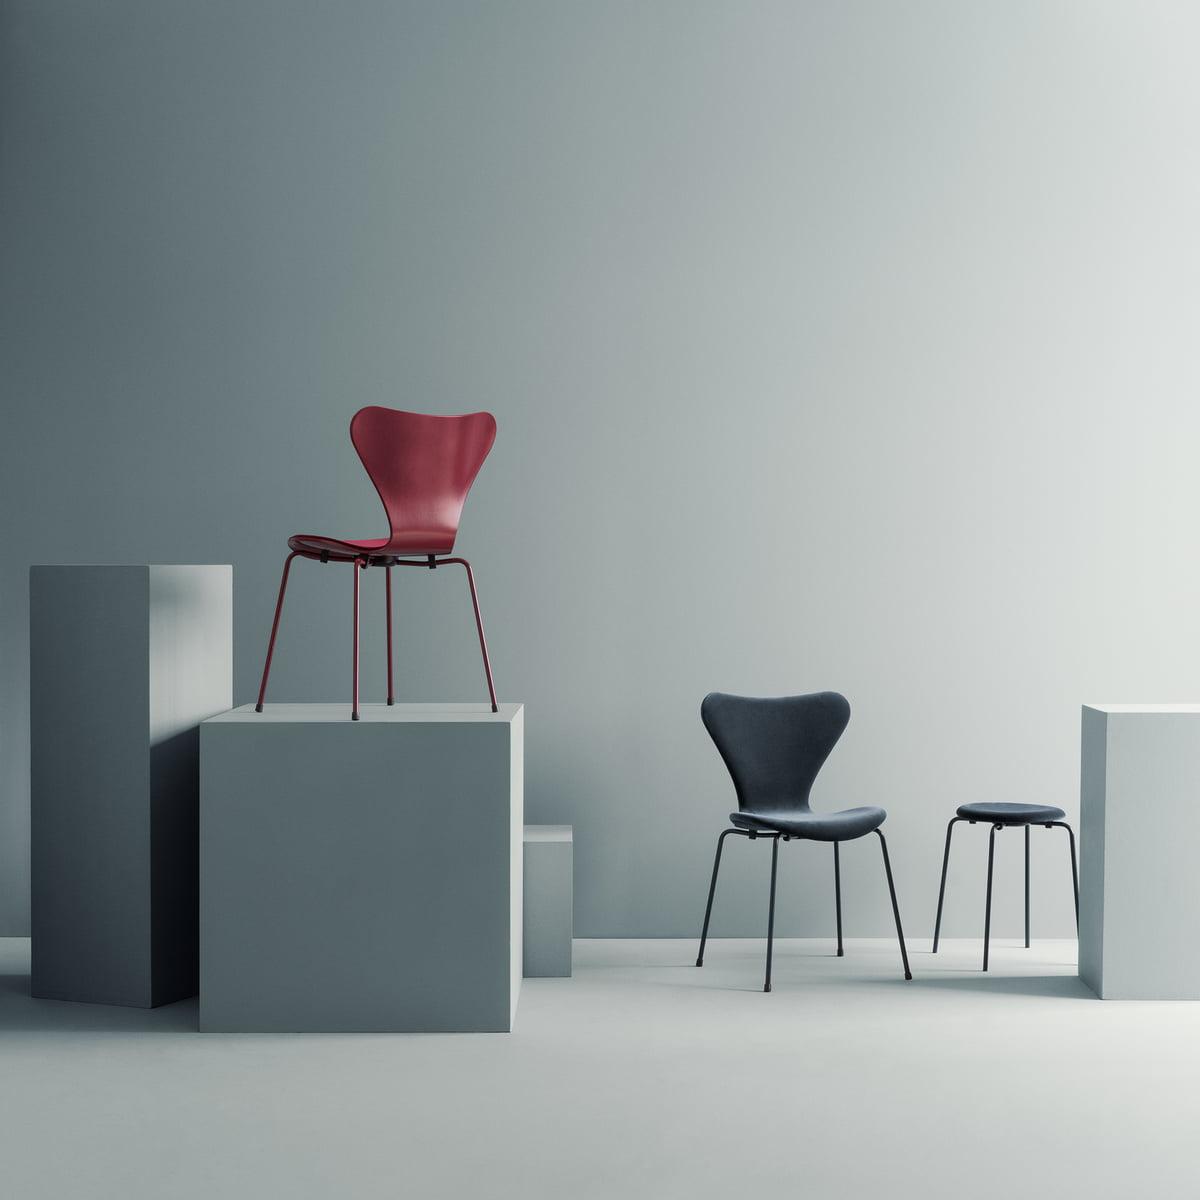 丹麦设计 天鹅绒软垫椅子 五金玻璃钢餐椅休闲椅电脑椅